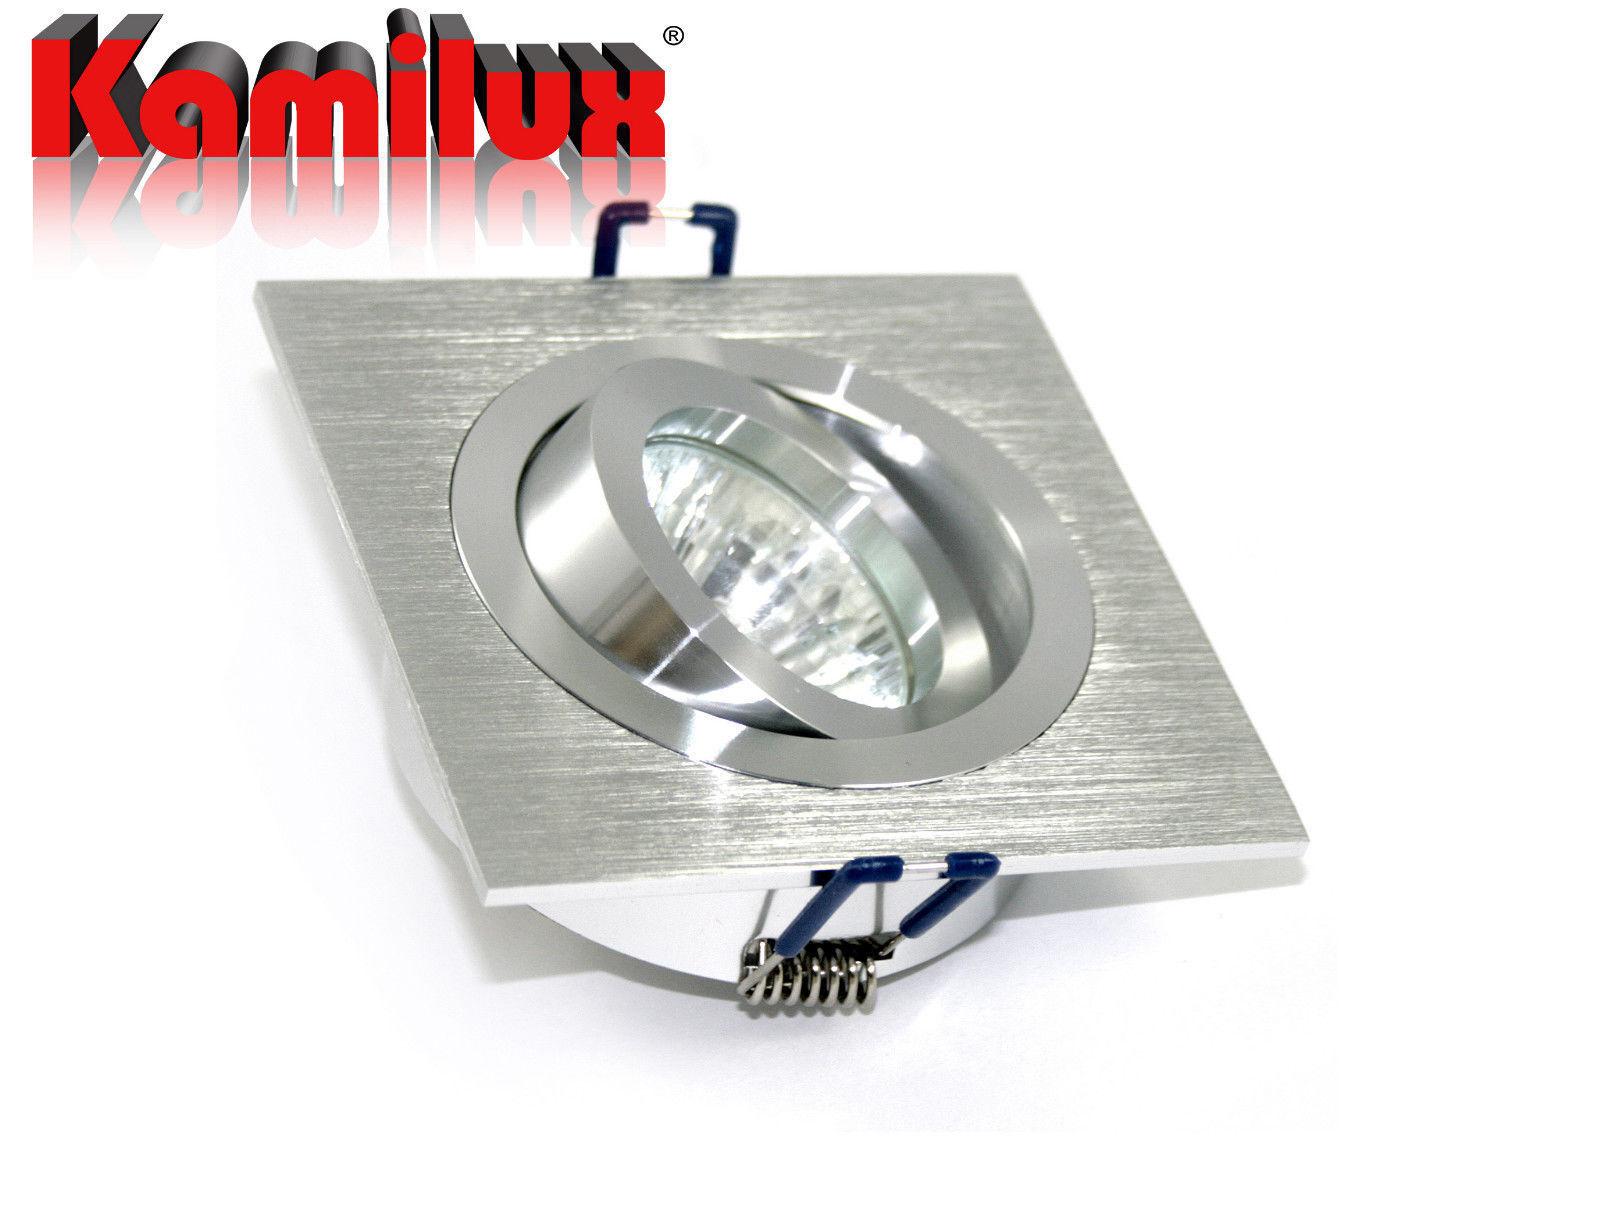 230V Einbauleuchte & dimmbares Leuchtmittel & GU10 Fassung Kanto Edelstahl   | Verpackungsvielfalt  | Sale Online  | Das hochwertigste Material